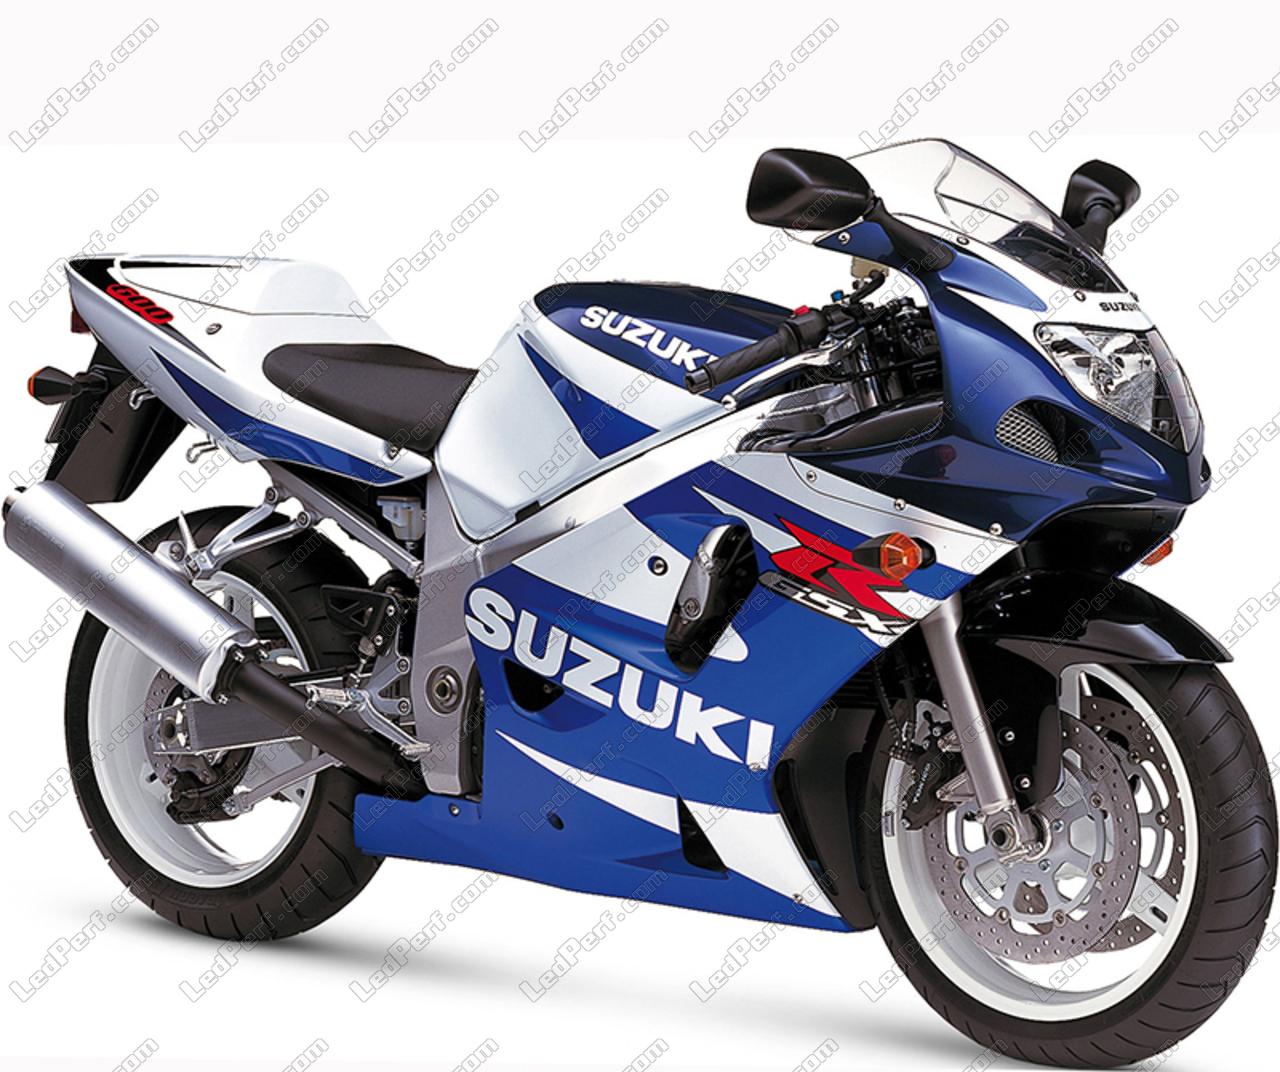 Suzuki Gsxr 600 >> Pack Sidelights Led Xenon White For Suzuki Gsx R 600 2001 2003